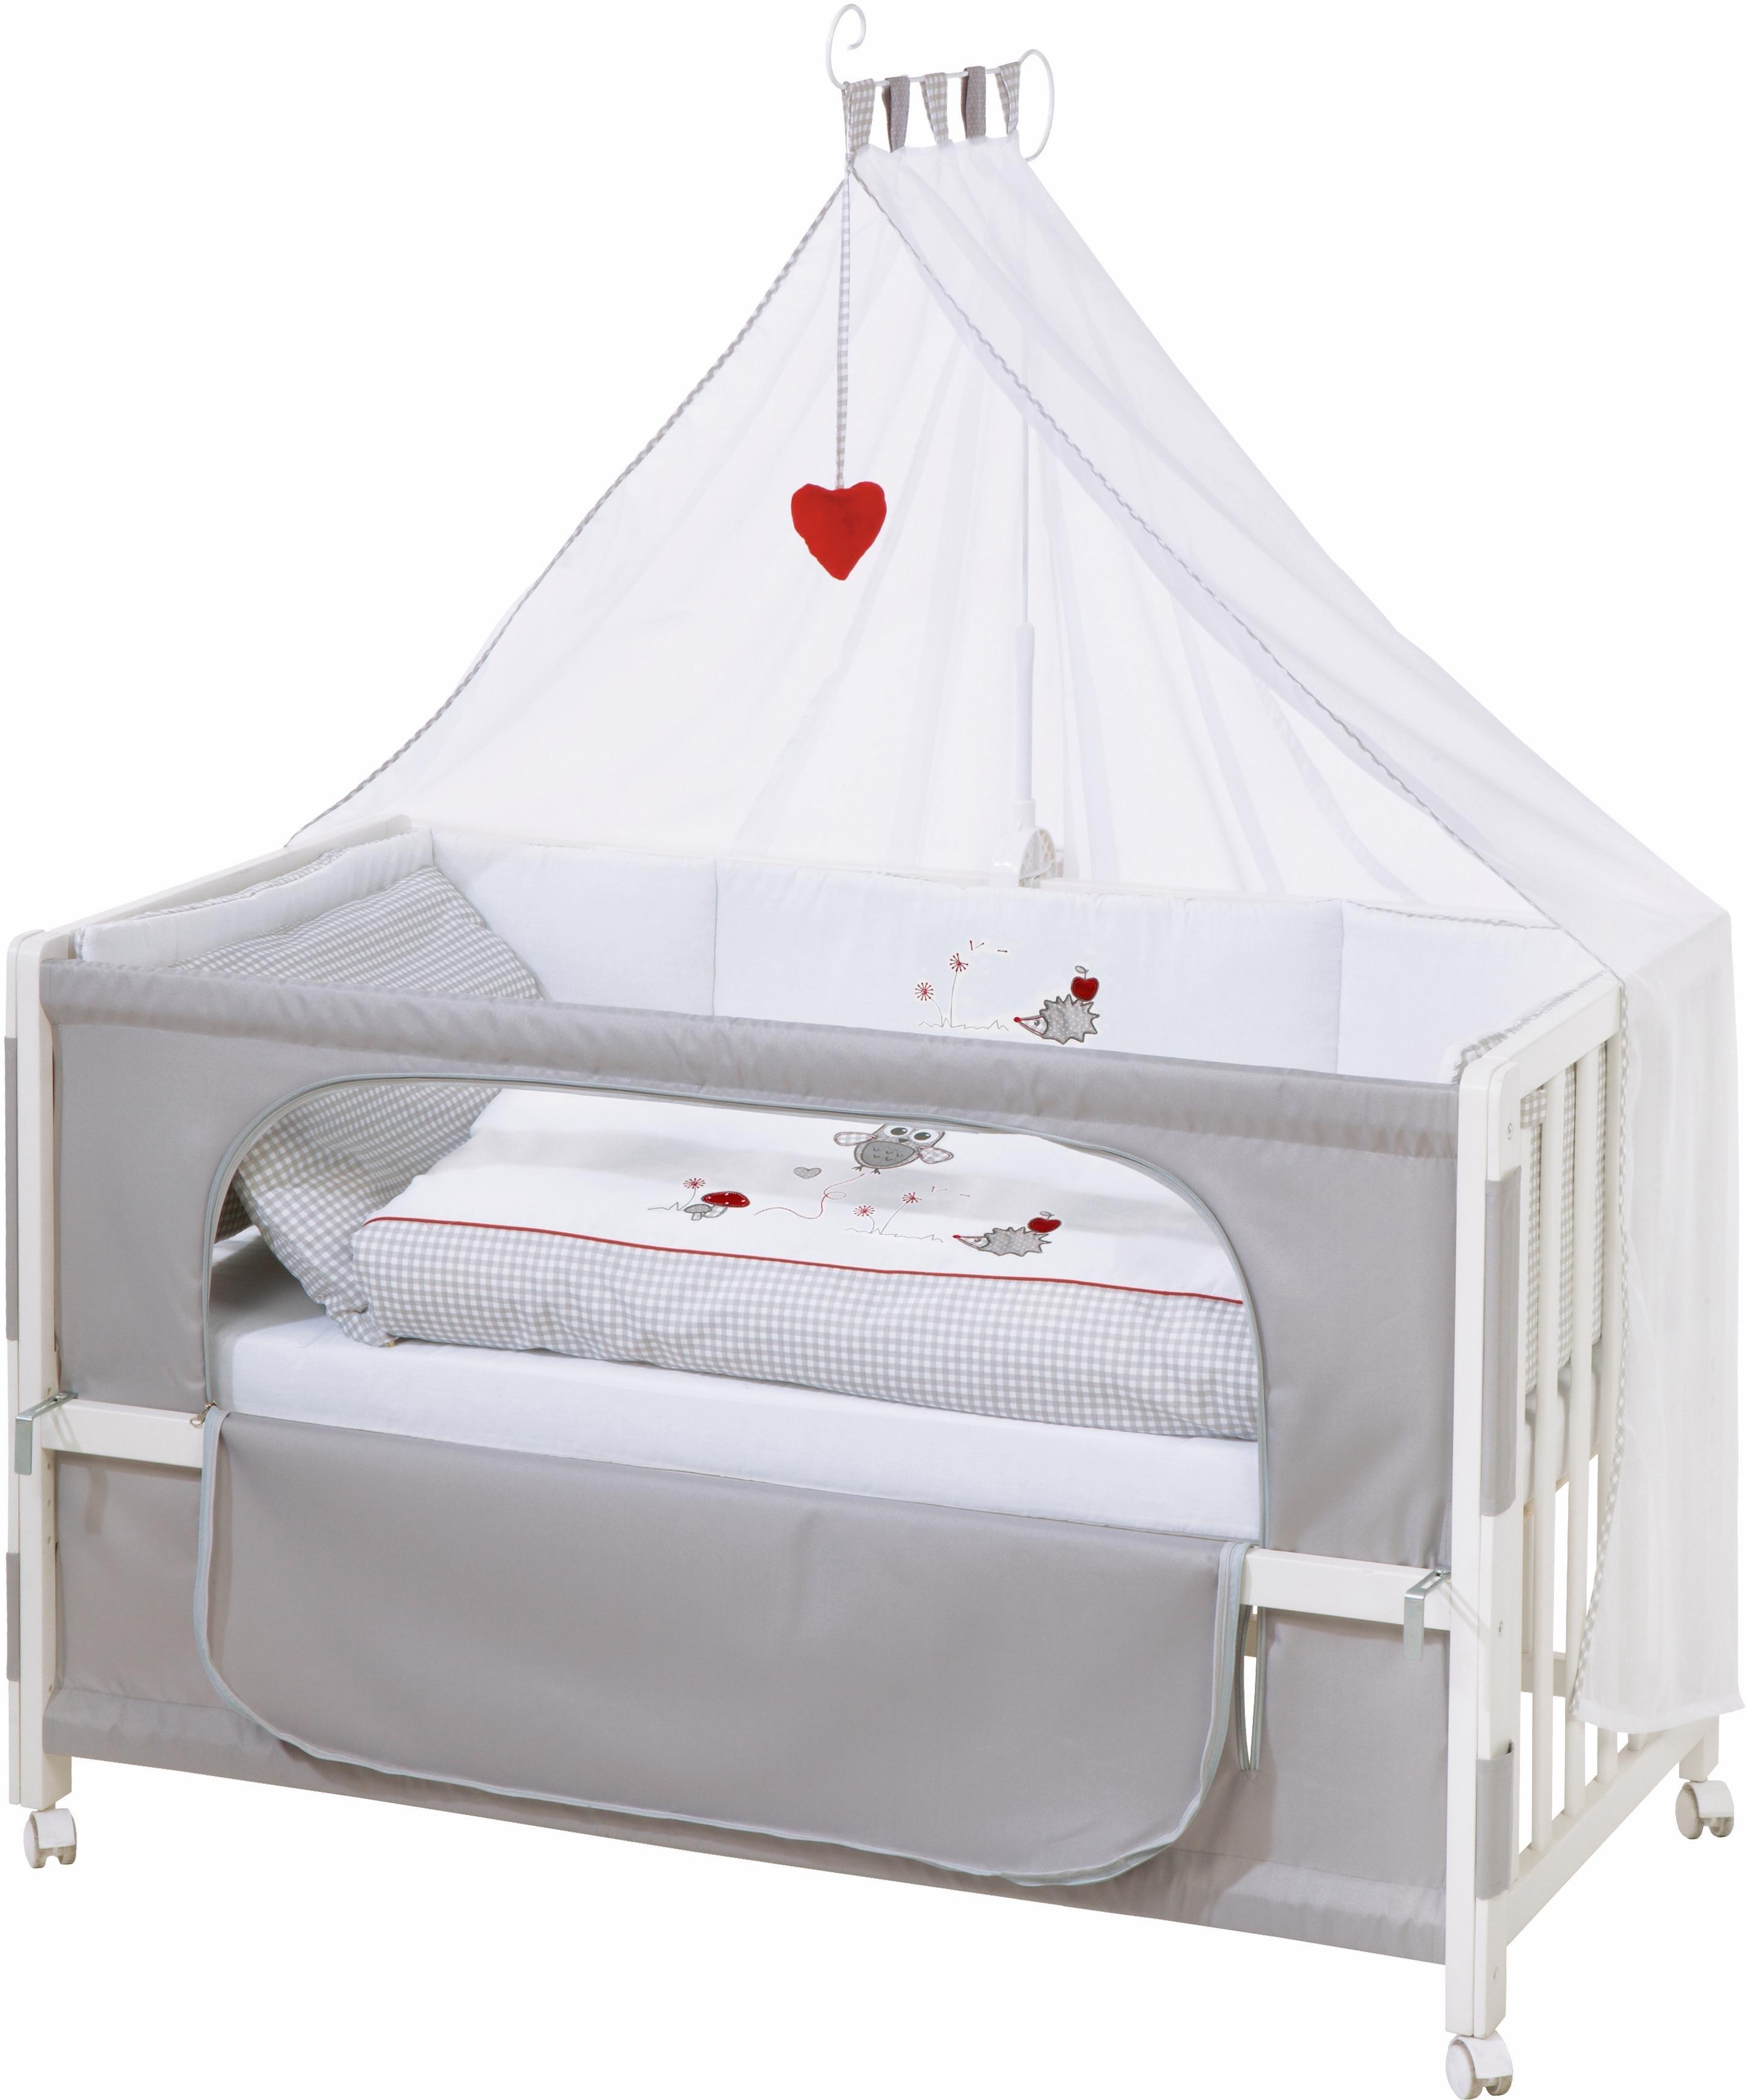 Roba ledikantje Room bed - decor Adam en uil te gebruiken als bijzetbed, kinderbed en juniorbed online kopen op otto.nl